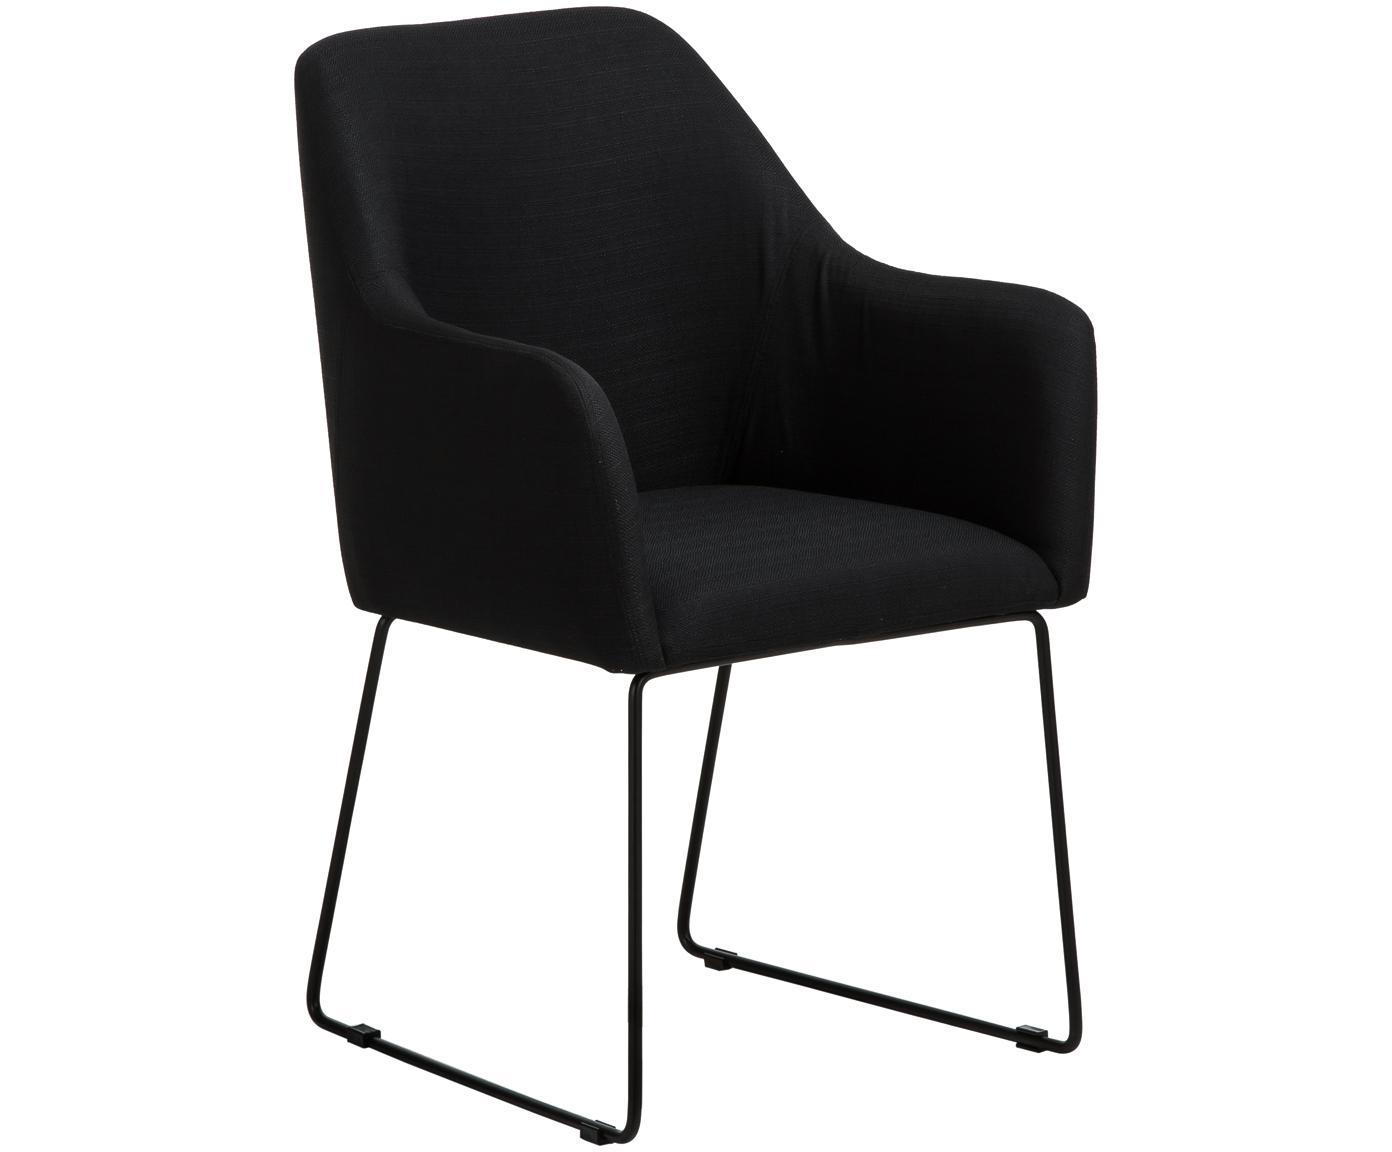 Sedia in velluto con braccioli Isla, Rivestimento: poliestere 50.000 cicli d, Gambe: metallo verniciato a polv, Tessuto nero, gambe nere, Larg. 58 x Prof. 62 cm